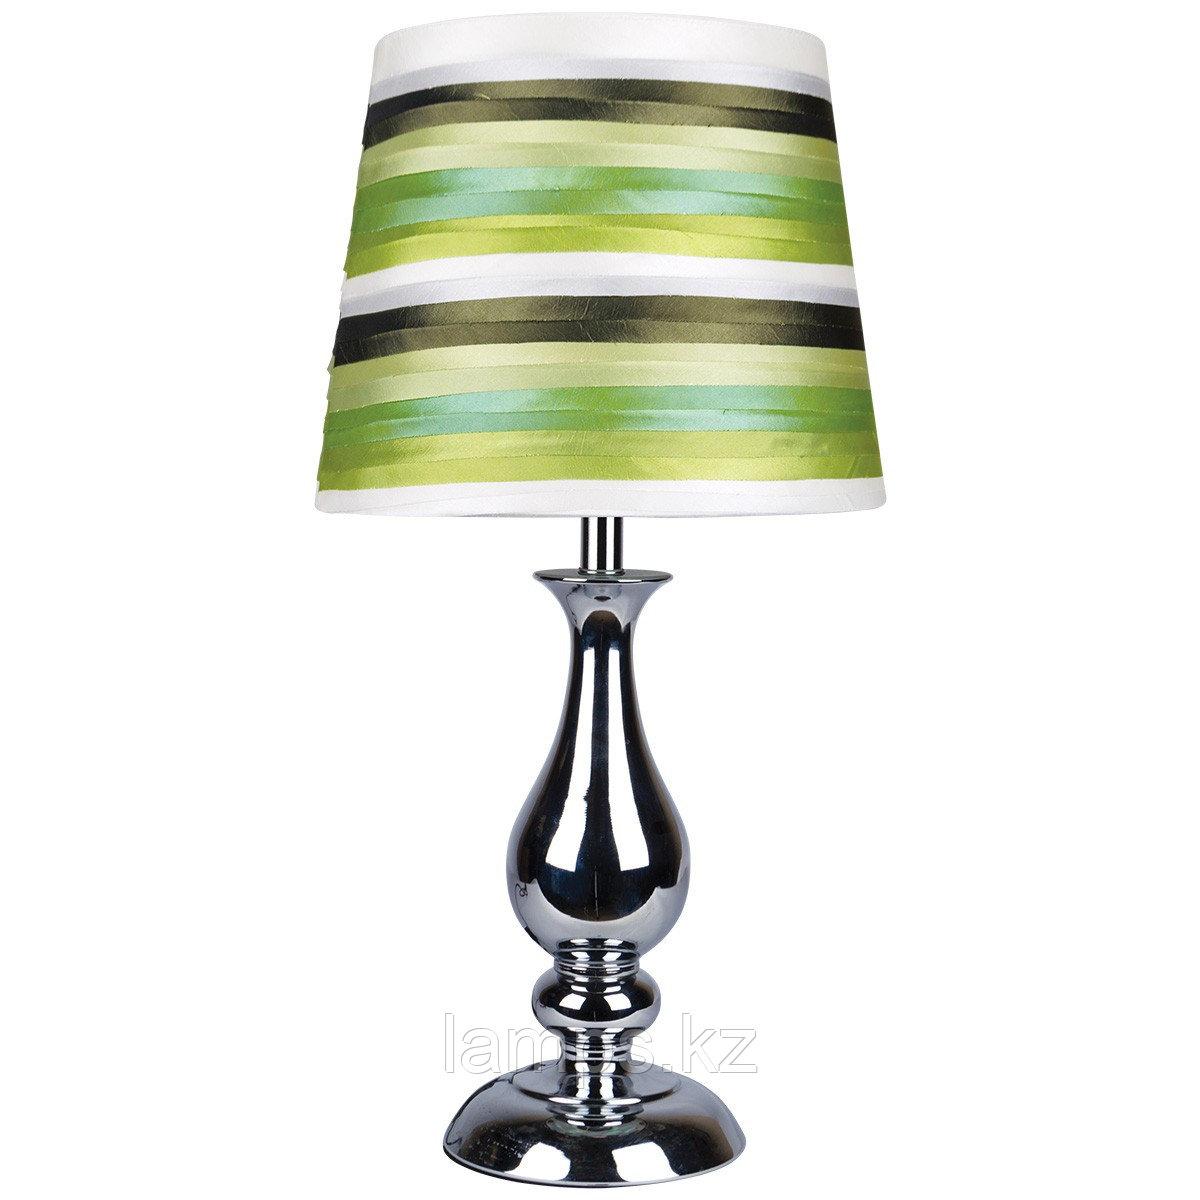 Настольная лампа T0023 SATIN FABRIC Green